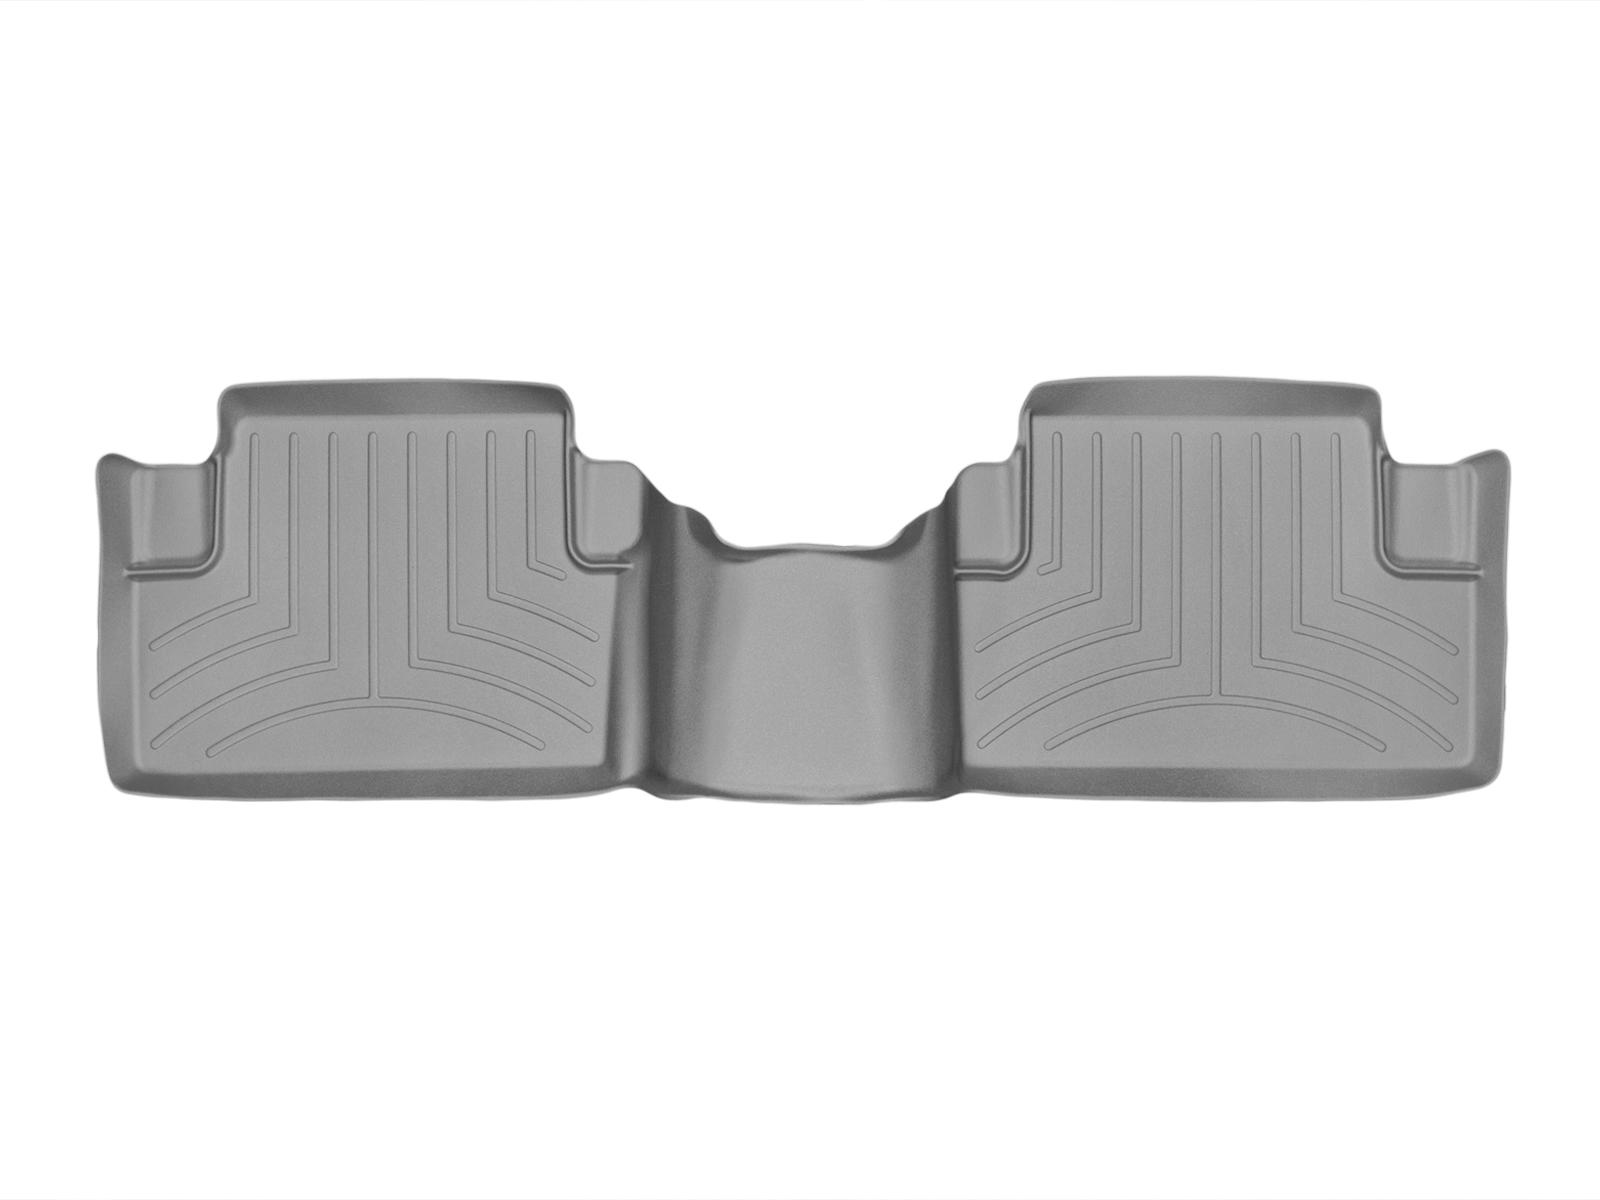 Tappeti gomma su misura bordo alto Nissan Qashqai 07>13 Grigio A2914